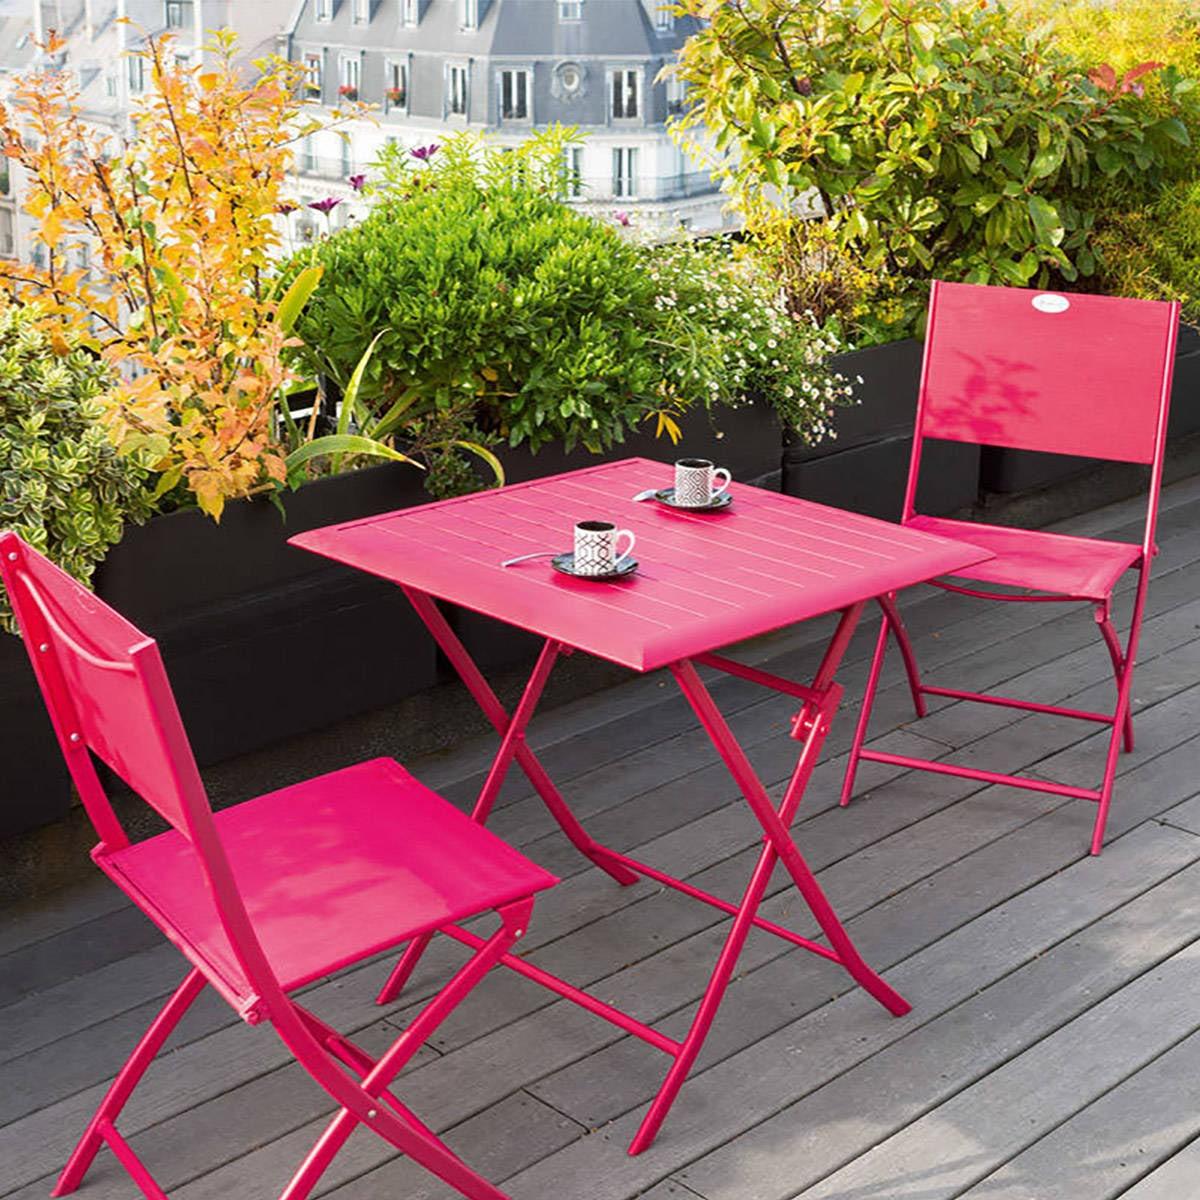 Table de jardin pliante carrée Azua Ardoise, Hesperide.com